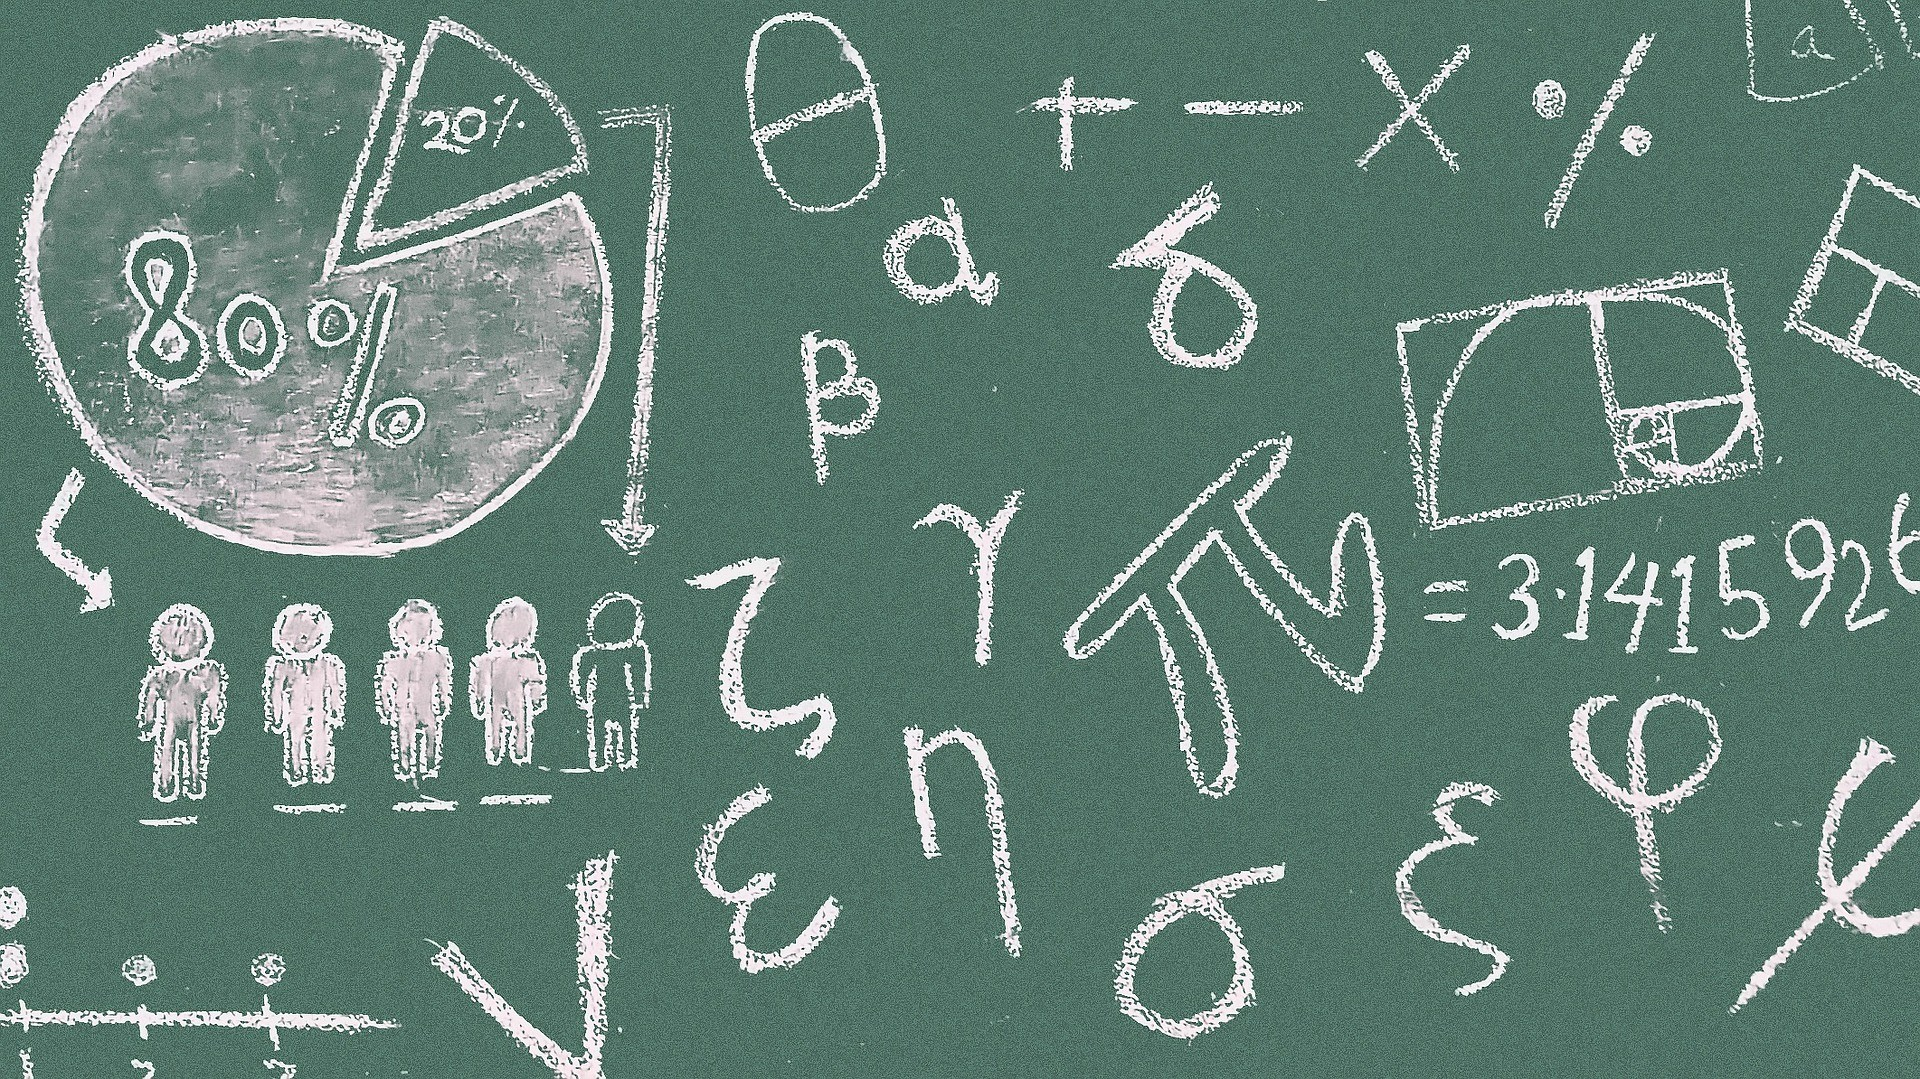 Comece pelas mais fáceis: confira nossas dicas para resolver as questões de matemática do Enem (Foto: Pixabay)